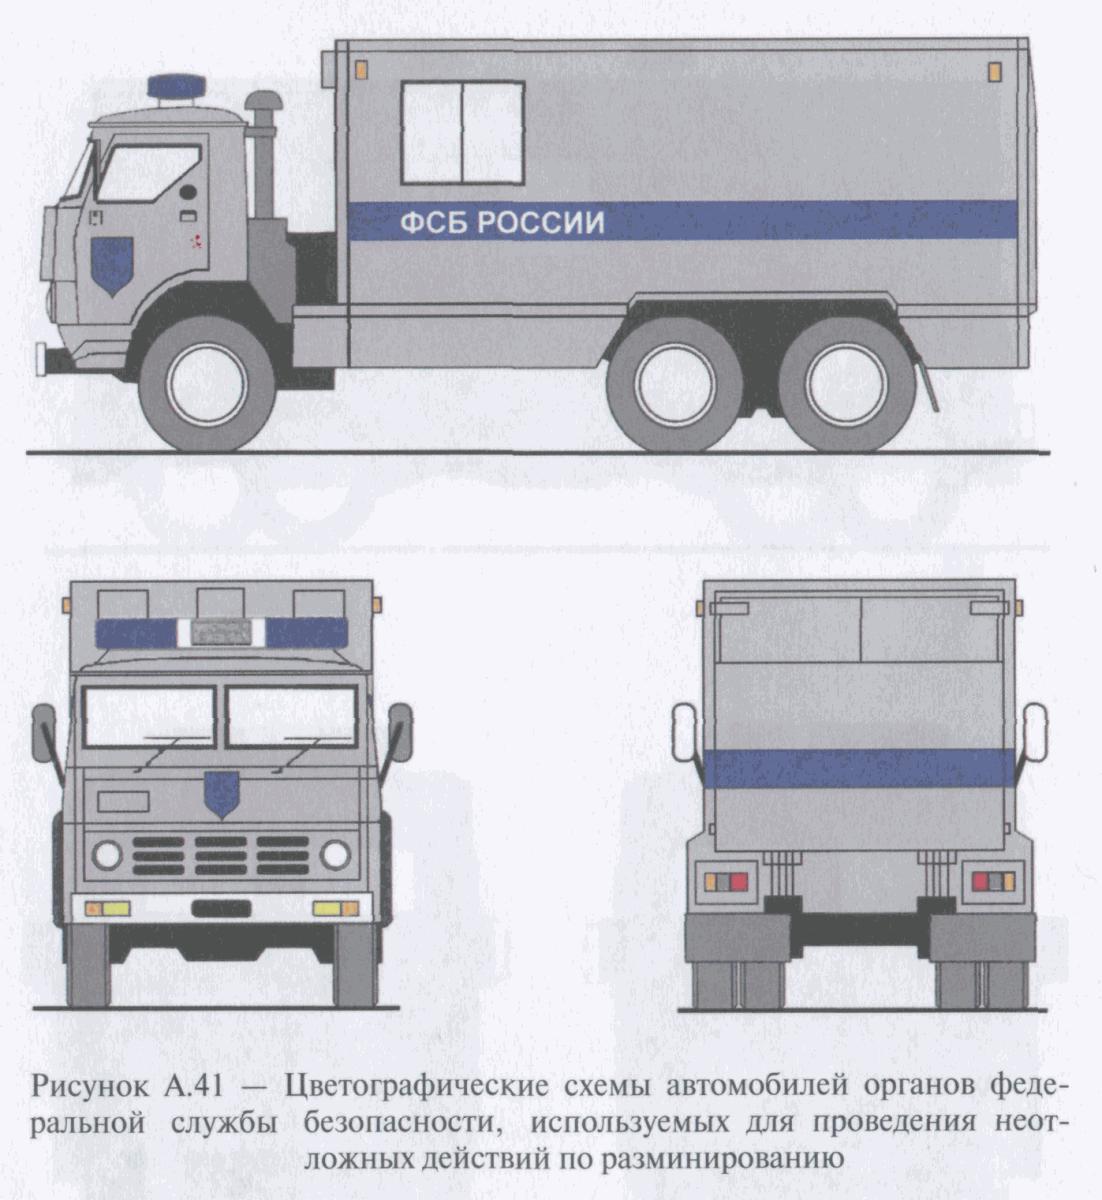 РИСУНОК A.41 (К ИЗМЕНЕНИЮ N 2 ГОСТ Р 50574-2002)